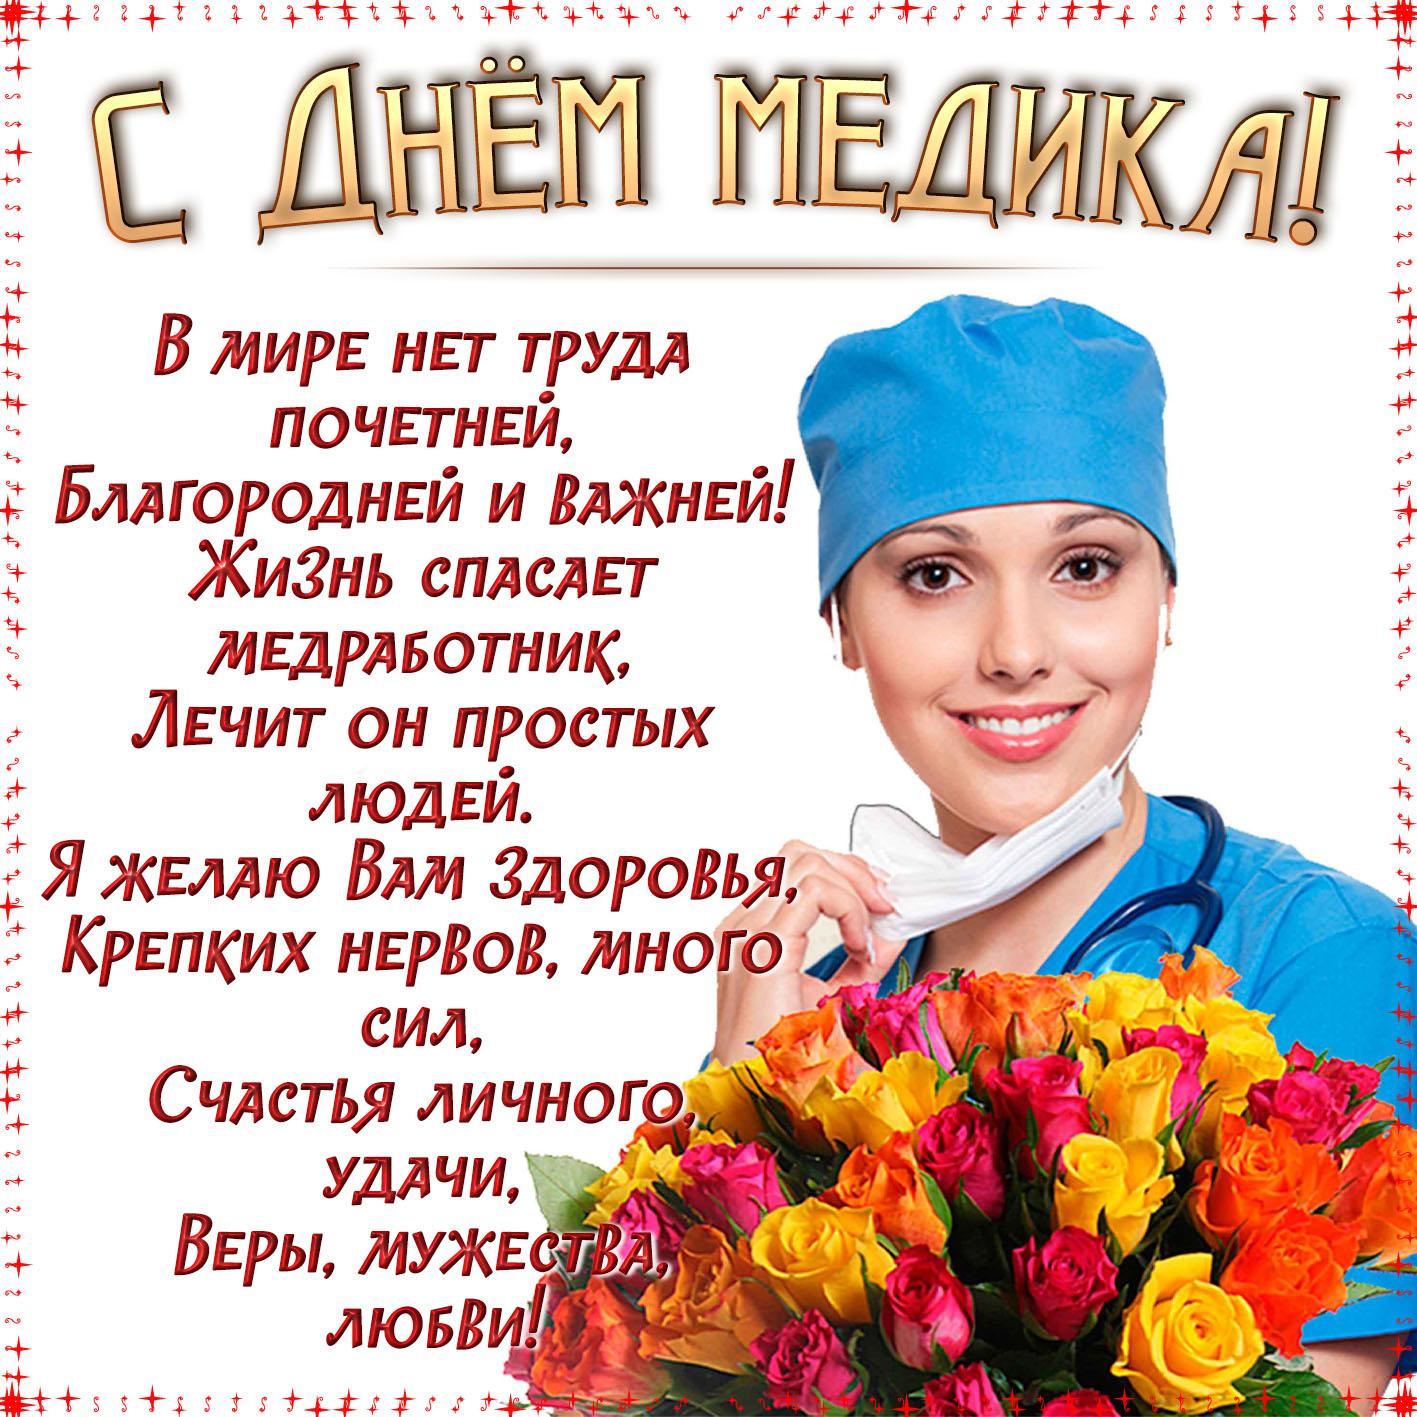 Красивое поздравление к дню медработника